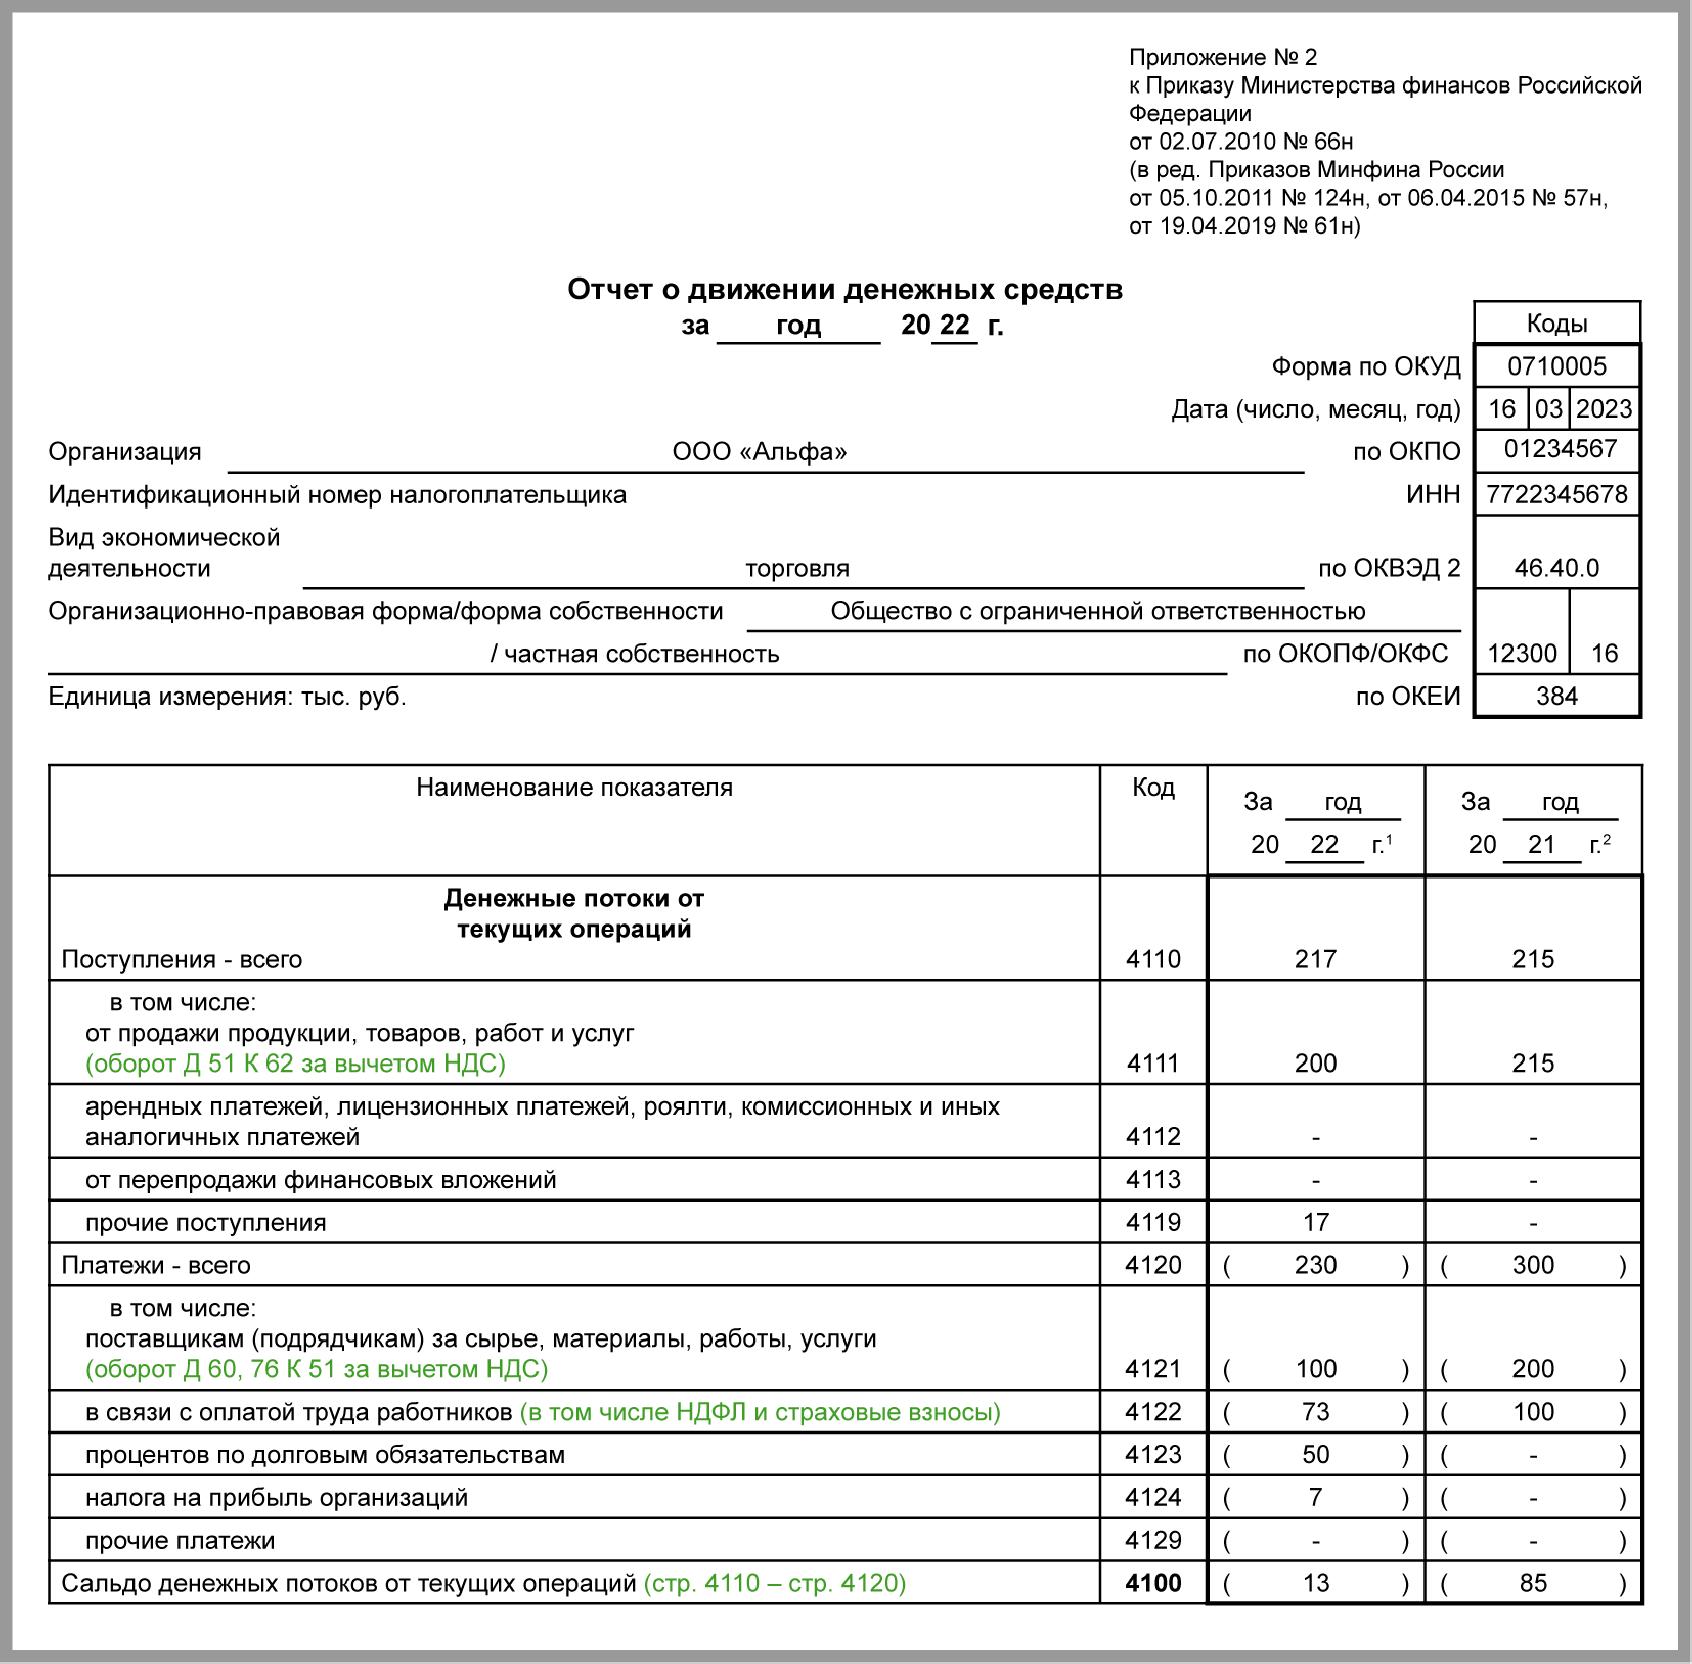 бланк бухгалтерского баланса от 05.10.2011 № 124н